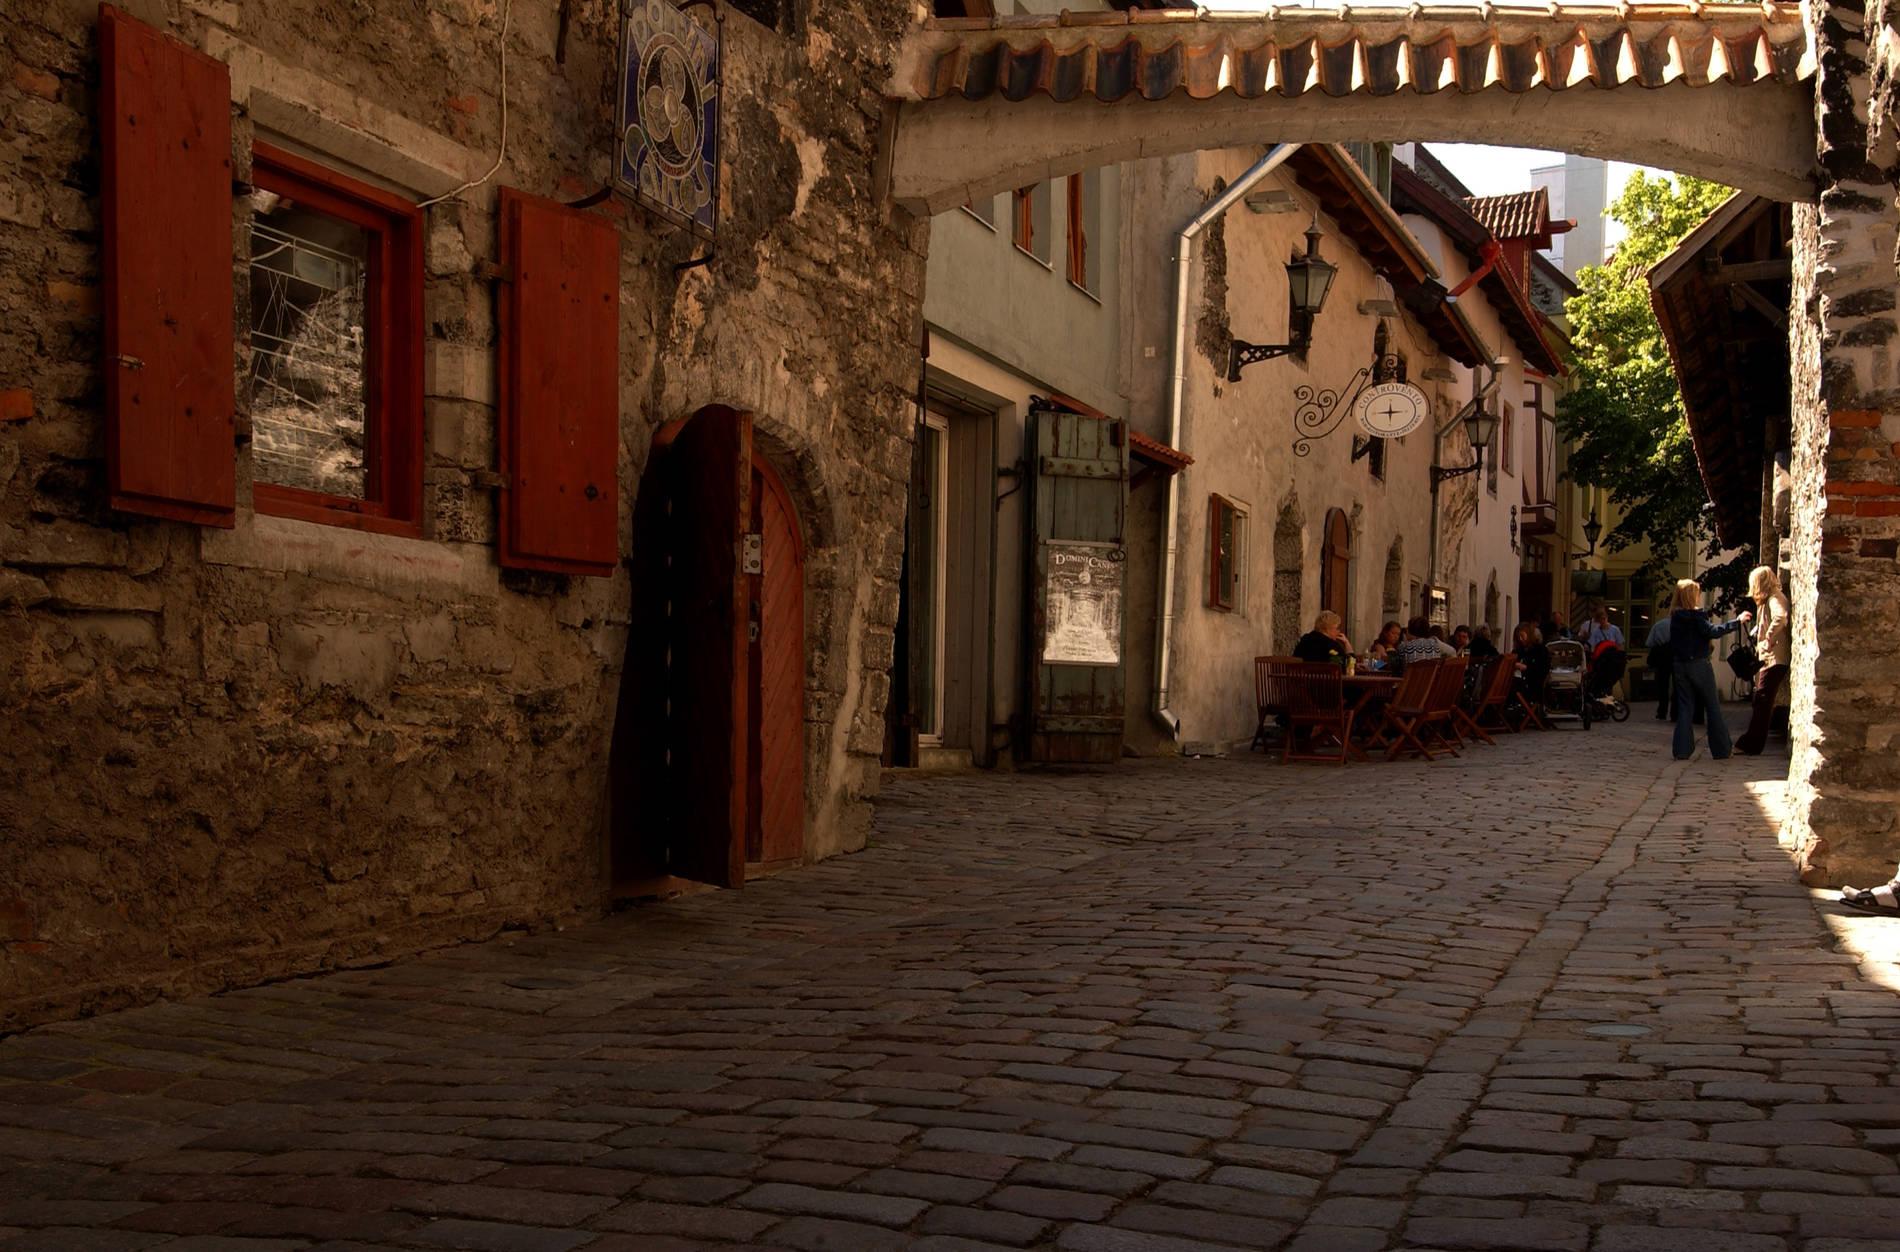 People at the St. Catherine's Passage (Katariina Käik) in the Old Town of Tallinn, Estonia. Photo by: Visit Estonia